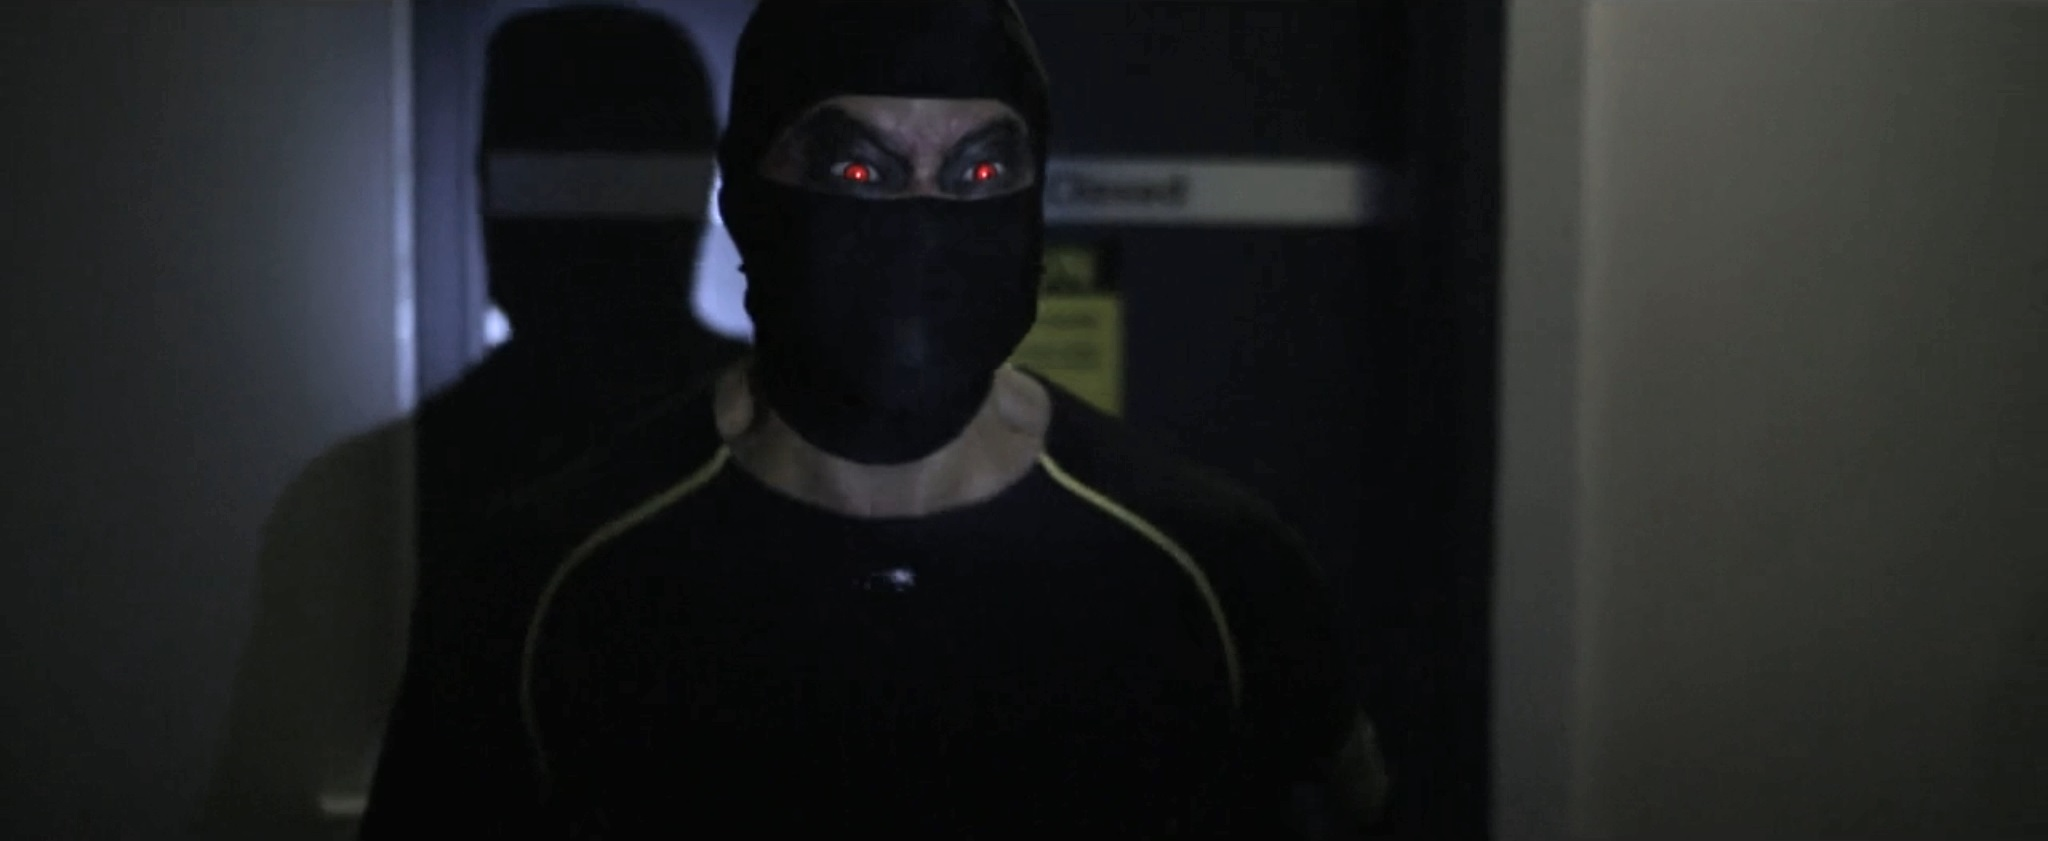 You got ninja in my zombie! You got zombie in my ninja!